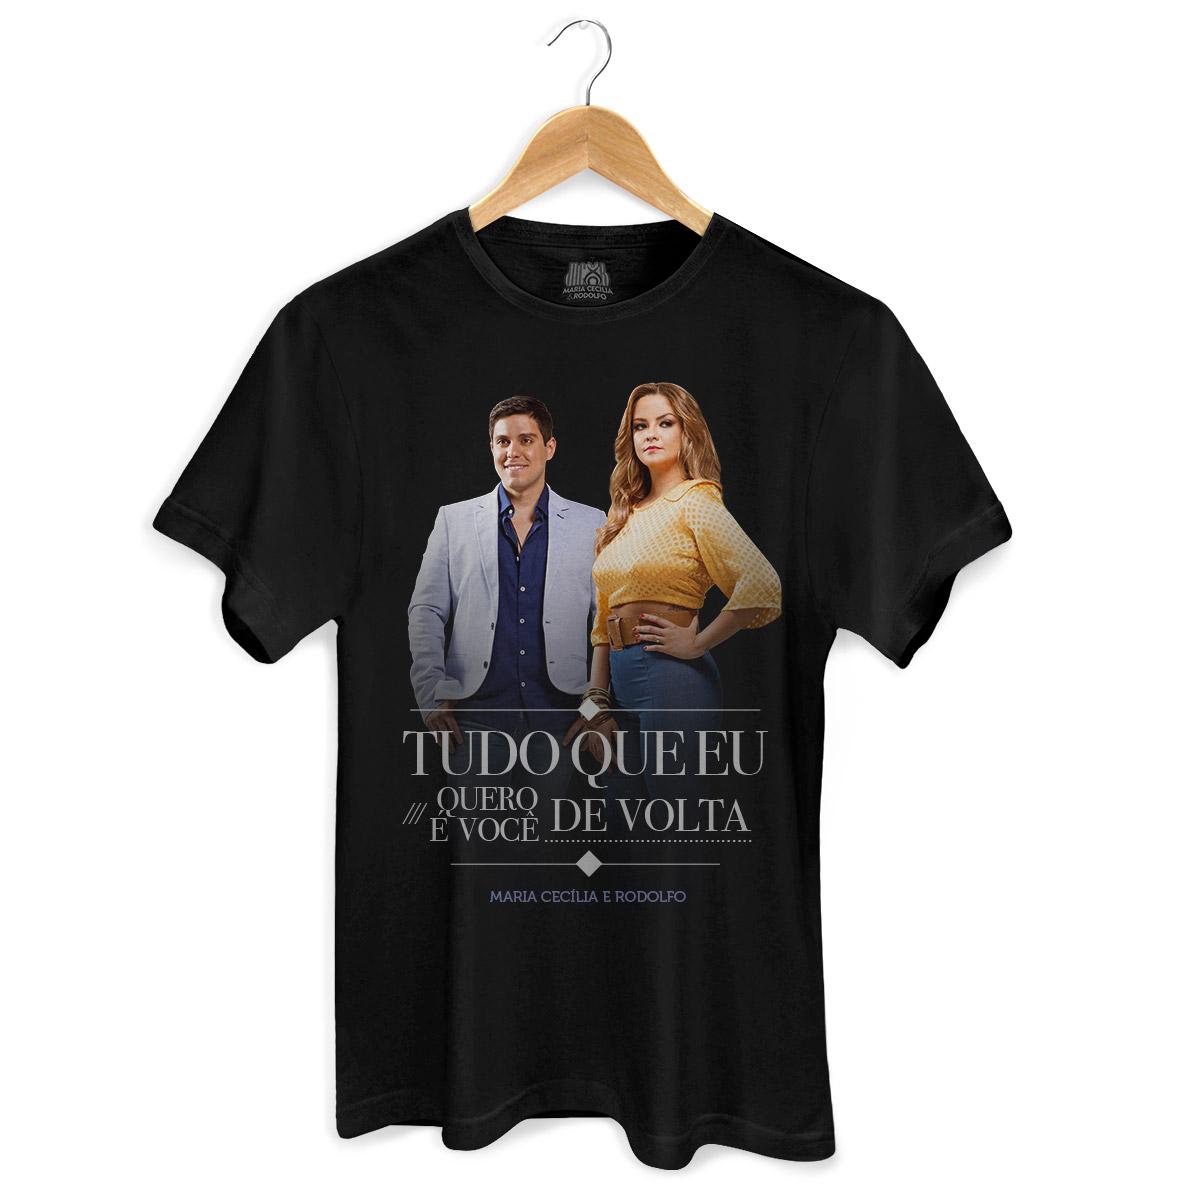 Camiseta Masculina Maria Cecília & Rodolfo Tudo Que Eu Quero